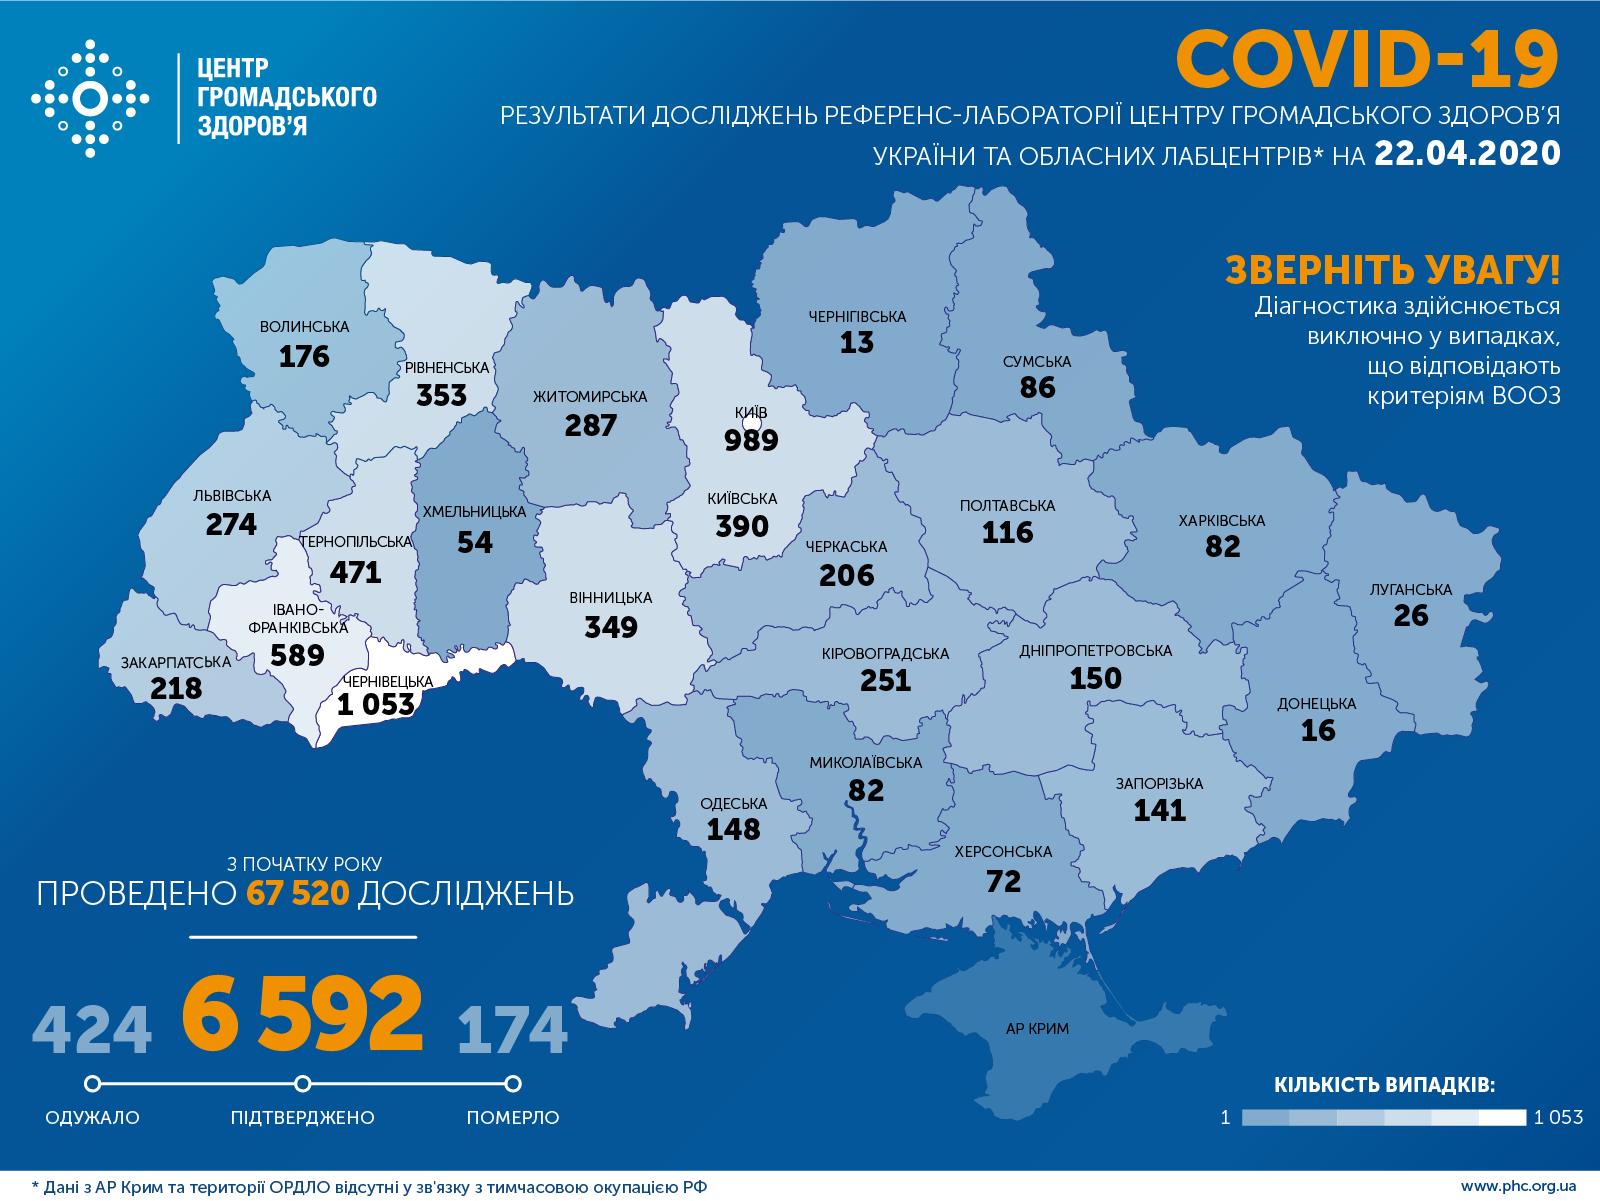 Статистика заразившихся коронавирусом по областям - ЦОЗ